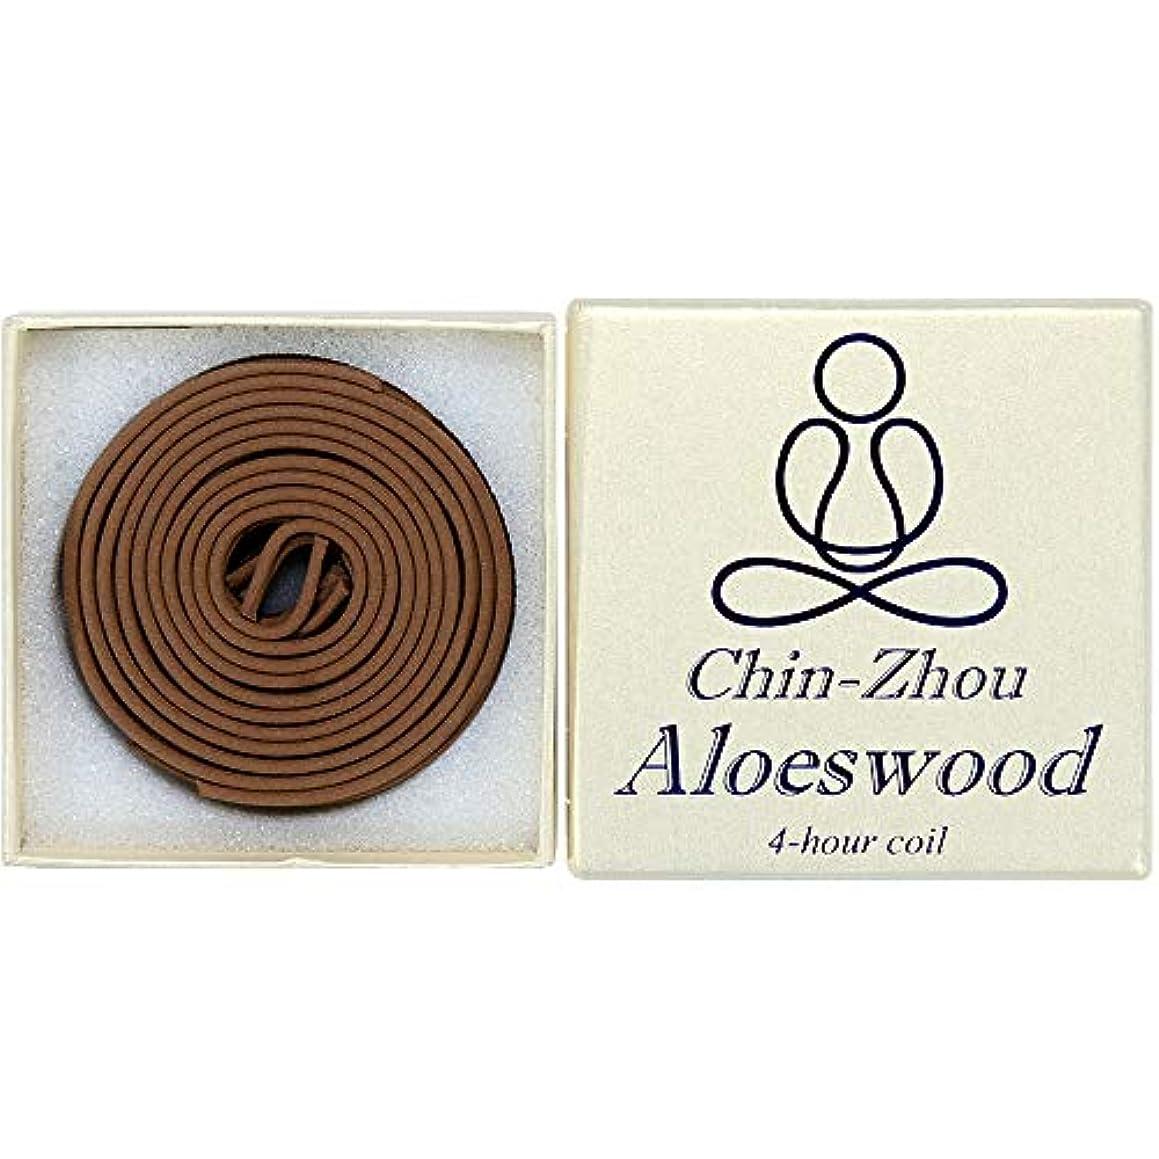 管理します柱受け入れた12ピース4-hour chin-zhou Aloeswoodコイル – 100 % Natural – f023t